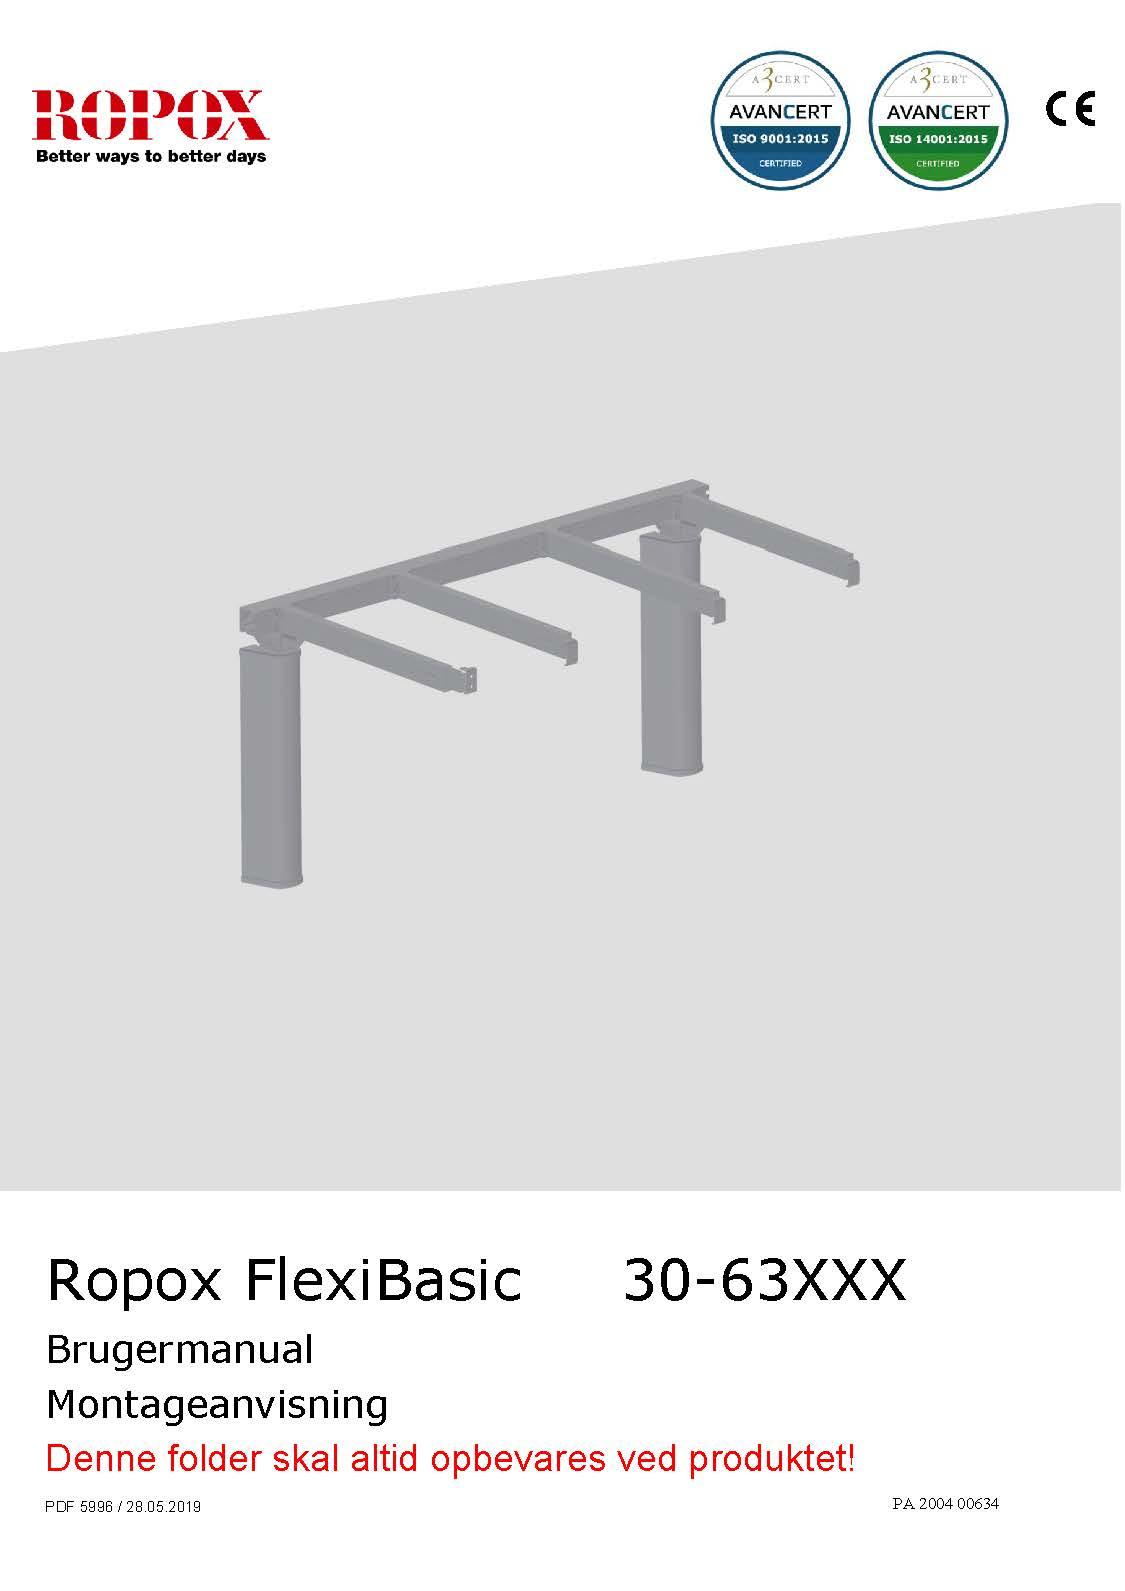 Ropox bruger- og montagevejledning - FlexiBasic